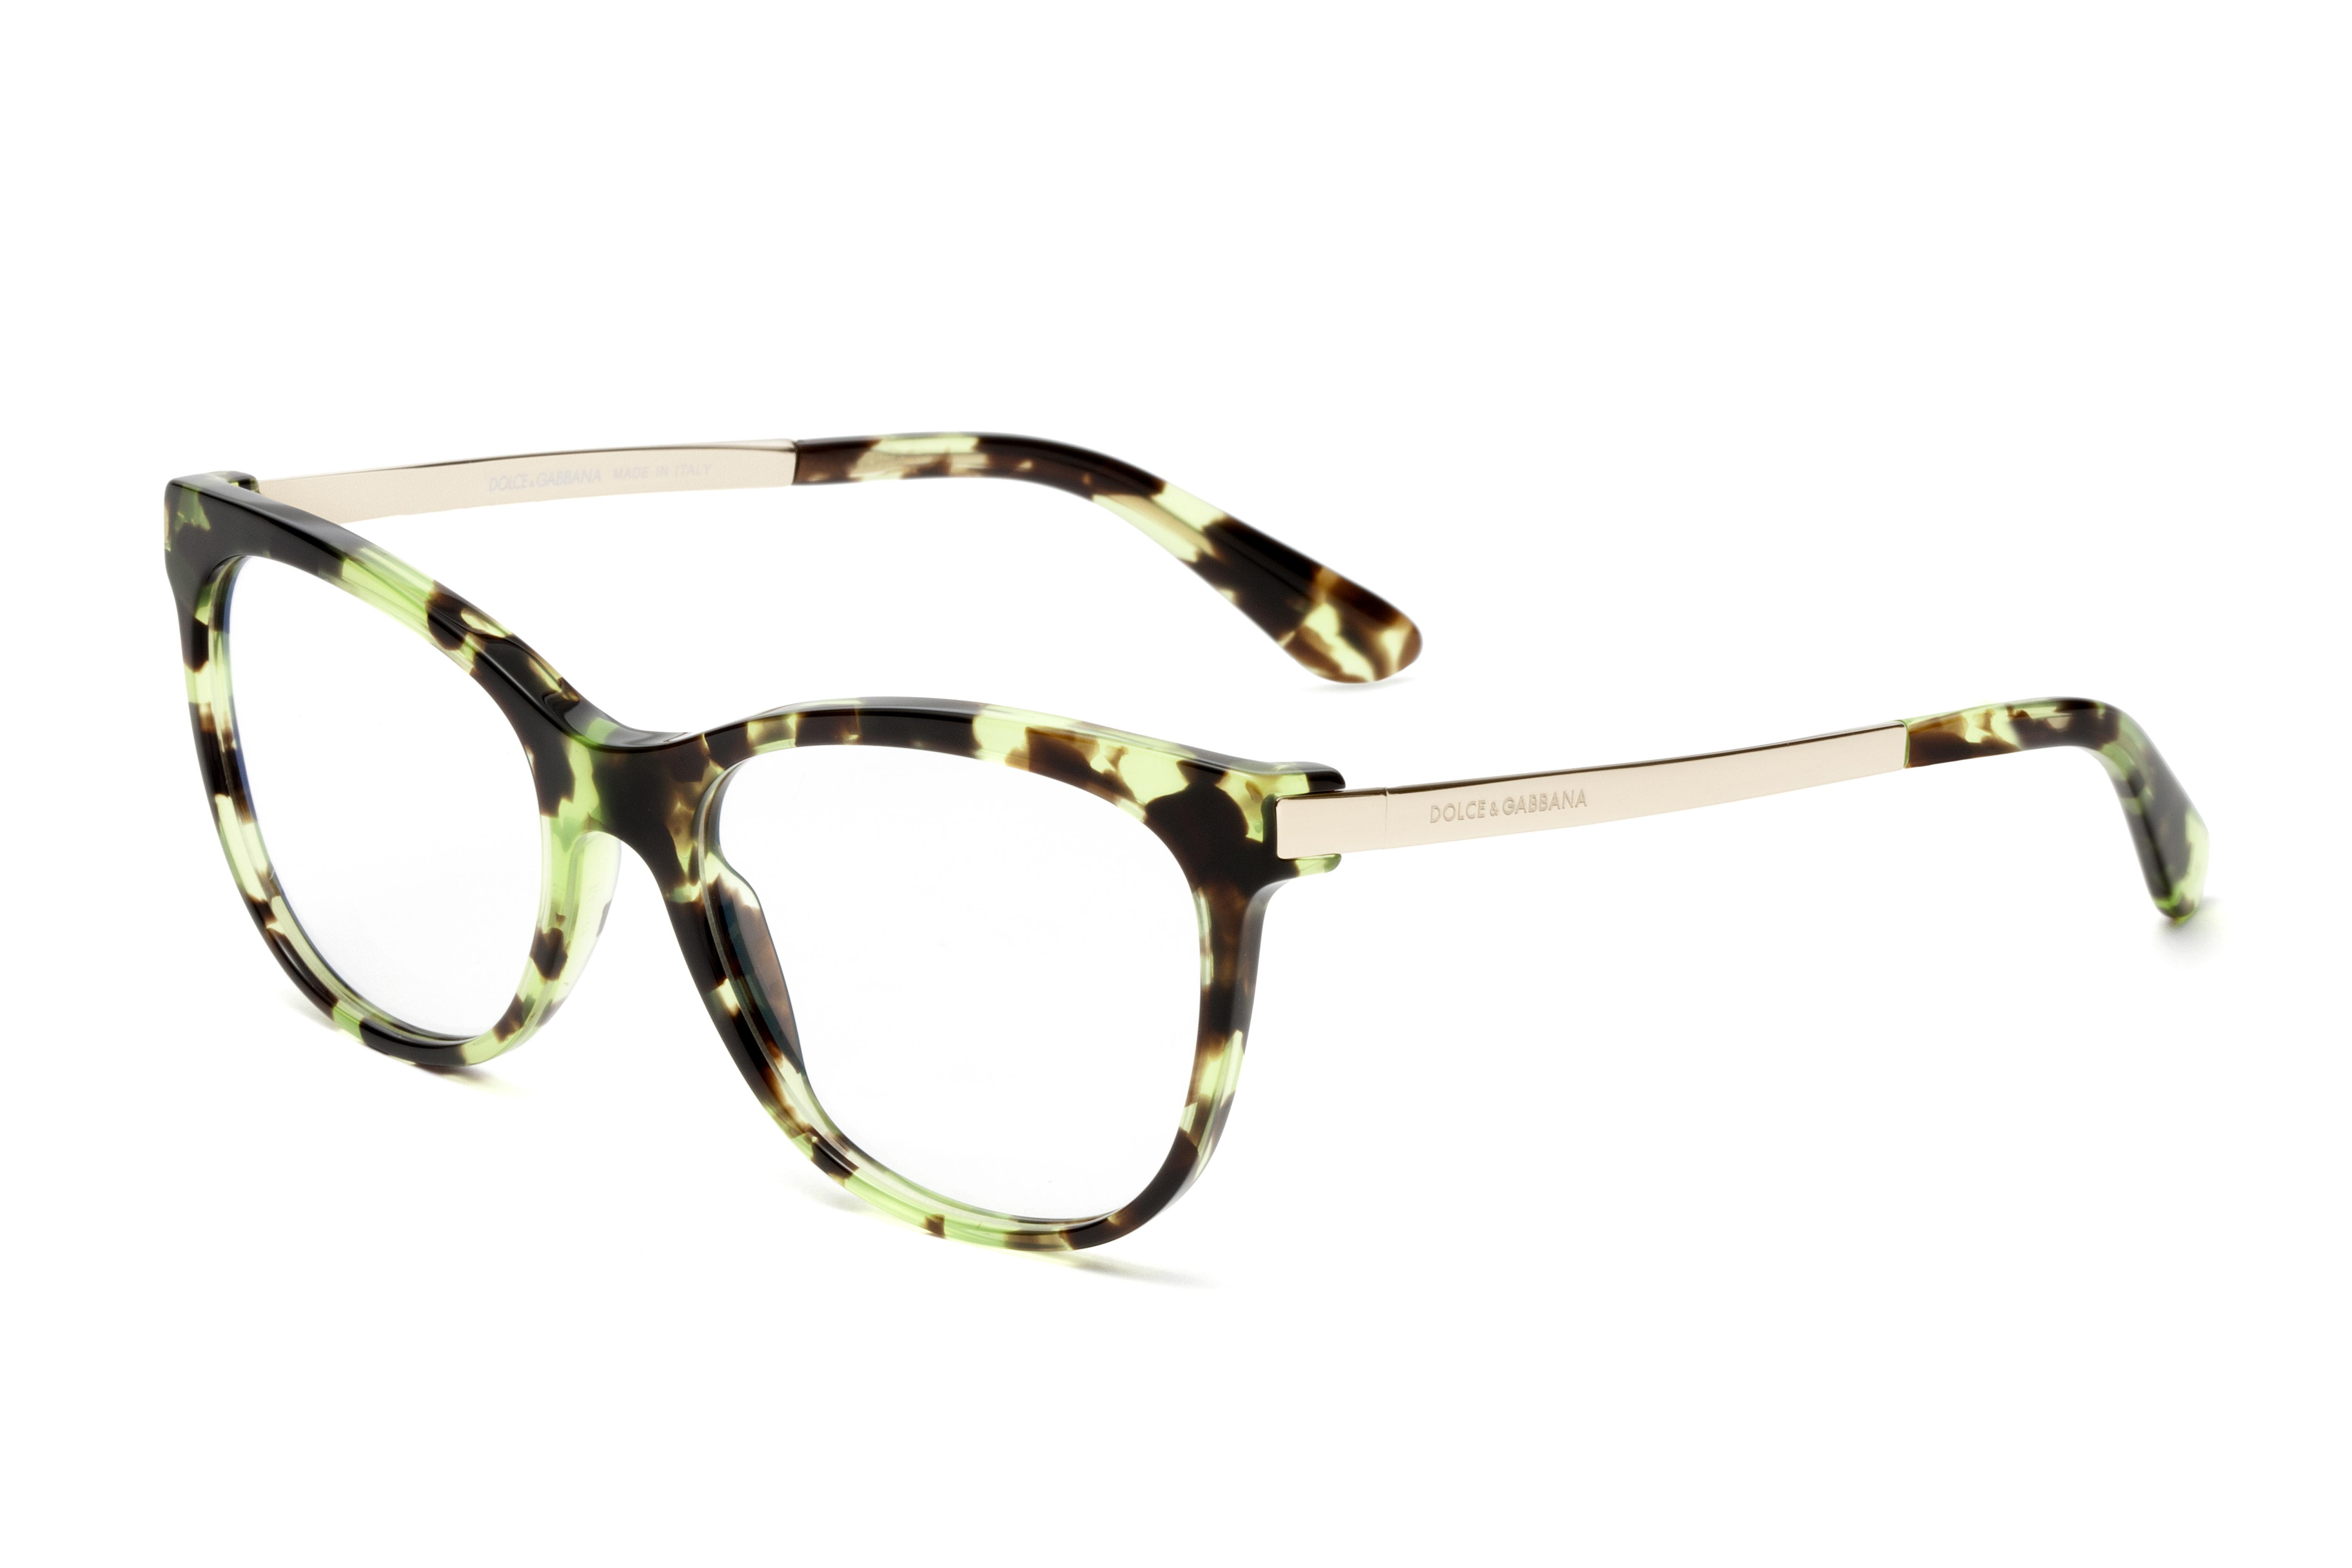 Monture de vue papillon aux lignes subtiles. L intérieur de couleur or  rendent ces lunettes encore plus féminines, matière toujours plus valorisée  par ... f16ab173dba1